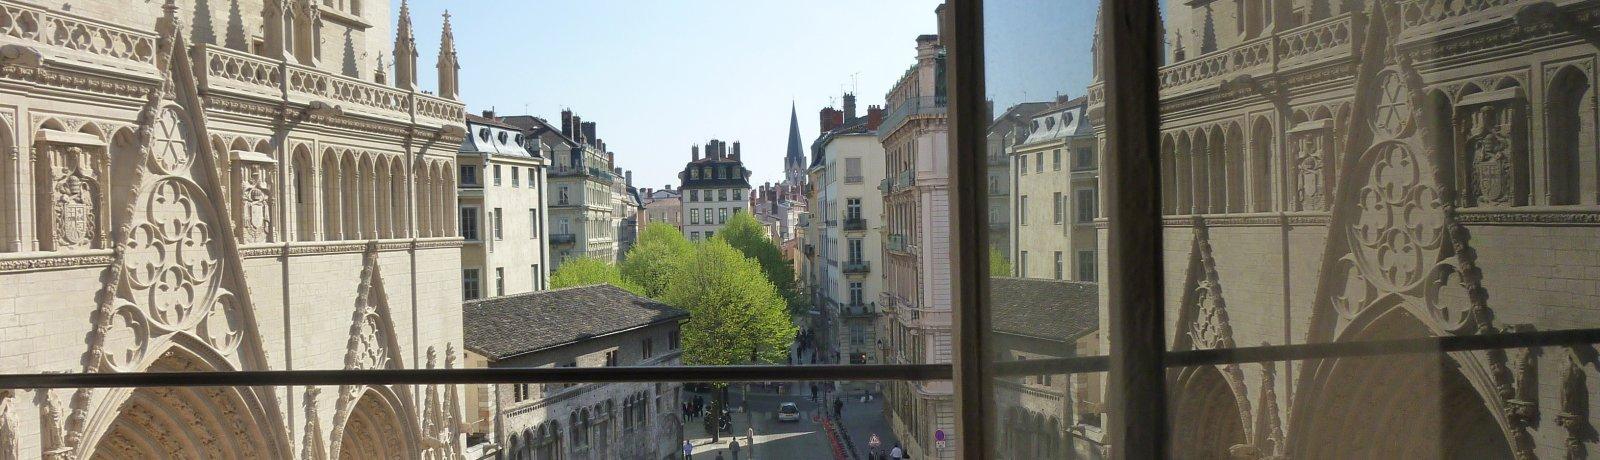 Vue sur le Vieux-Lyon prise de la location courte durée